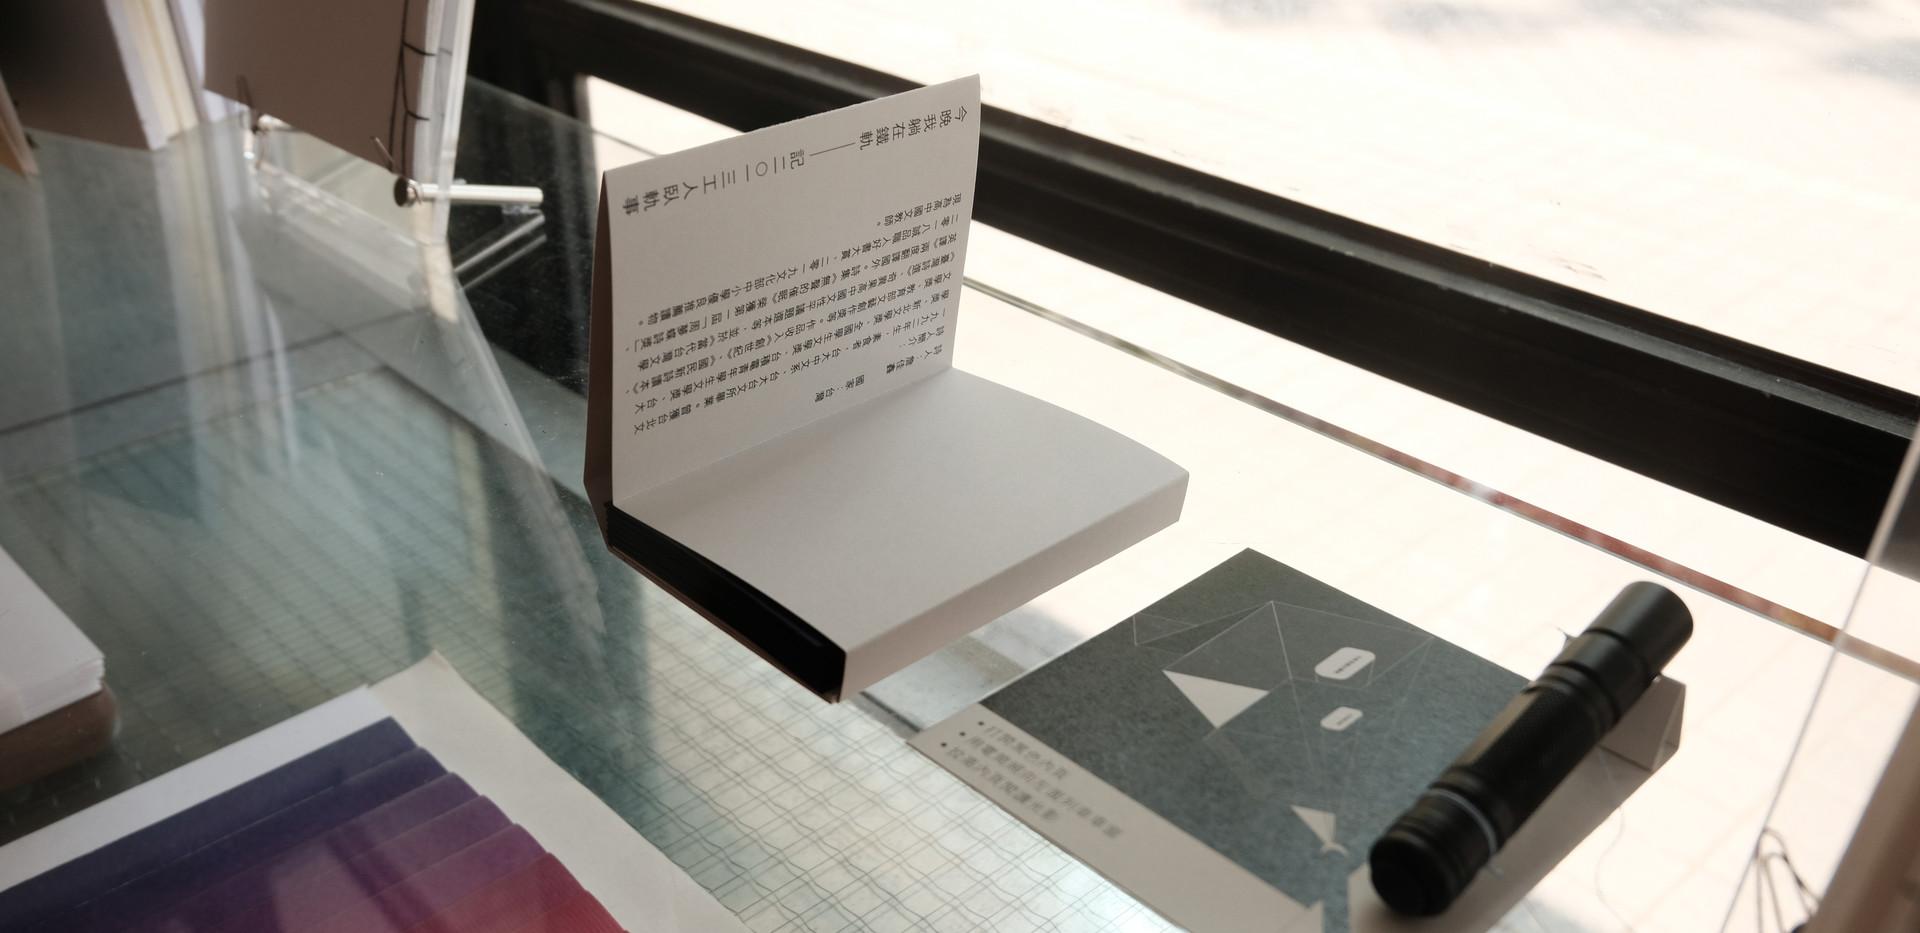 今晚我躺在鐵軌_book design_sharon_introgif